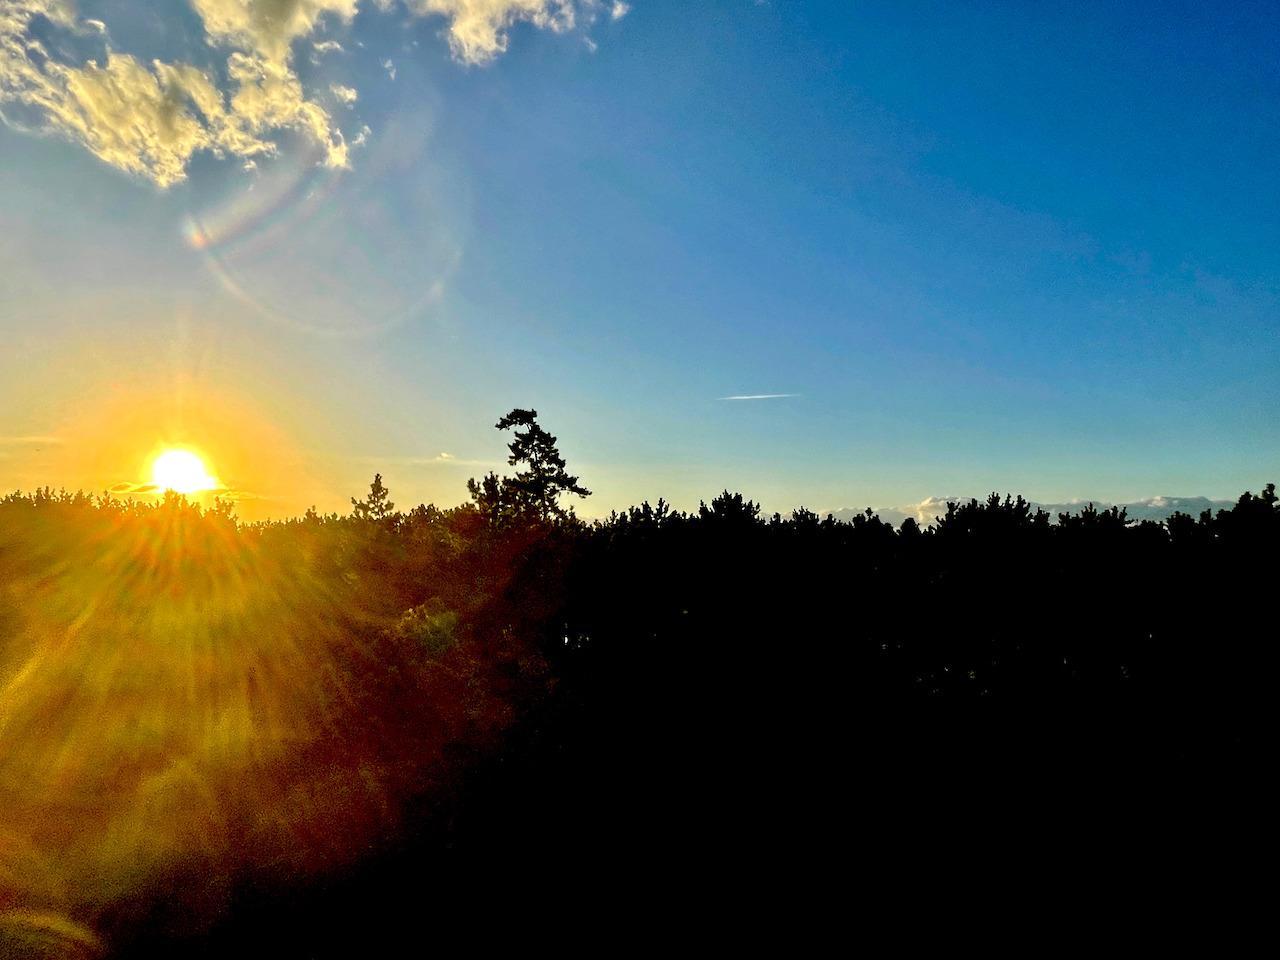 バルコニーから松林に沈む夕日。